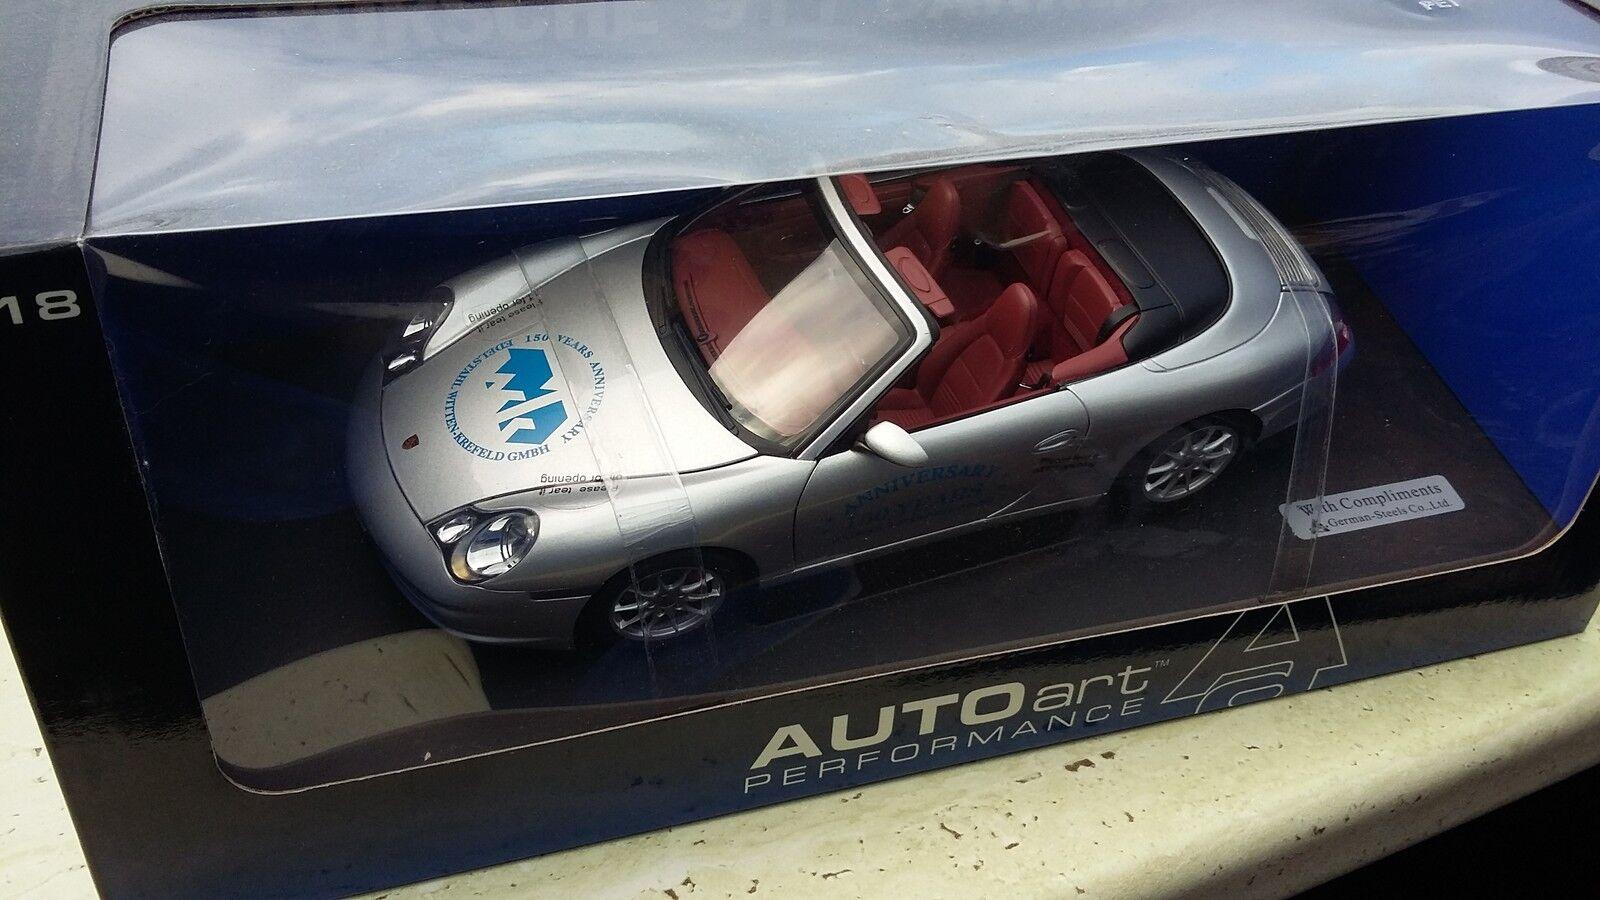 1 18 PORSCHE 911 Carrera Cabriolet Autoart  en acier inoxydable Witten-Krefeld GmbH  neuf dans sa boîte